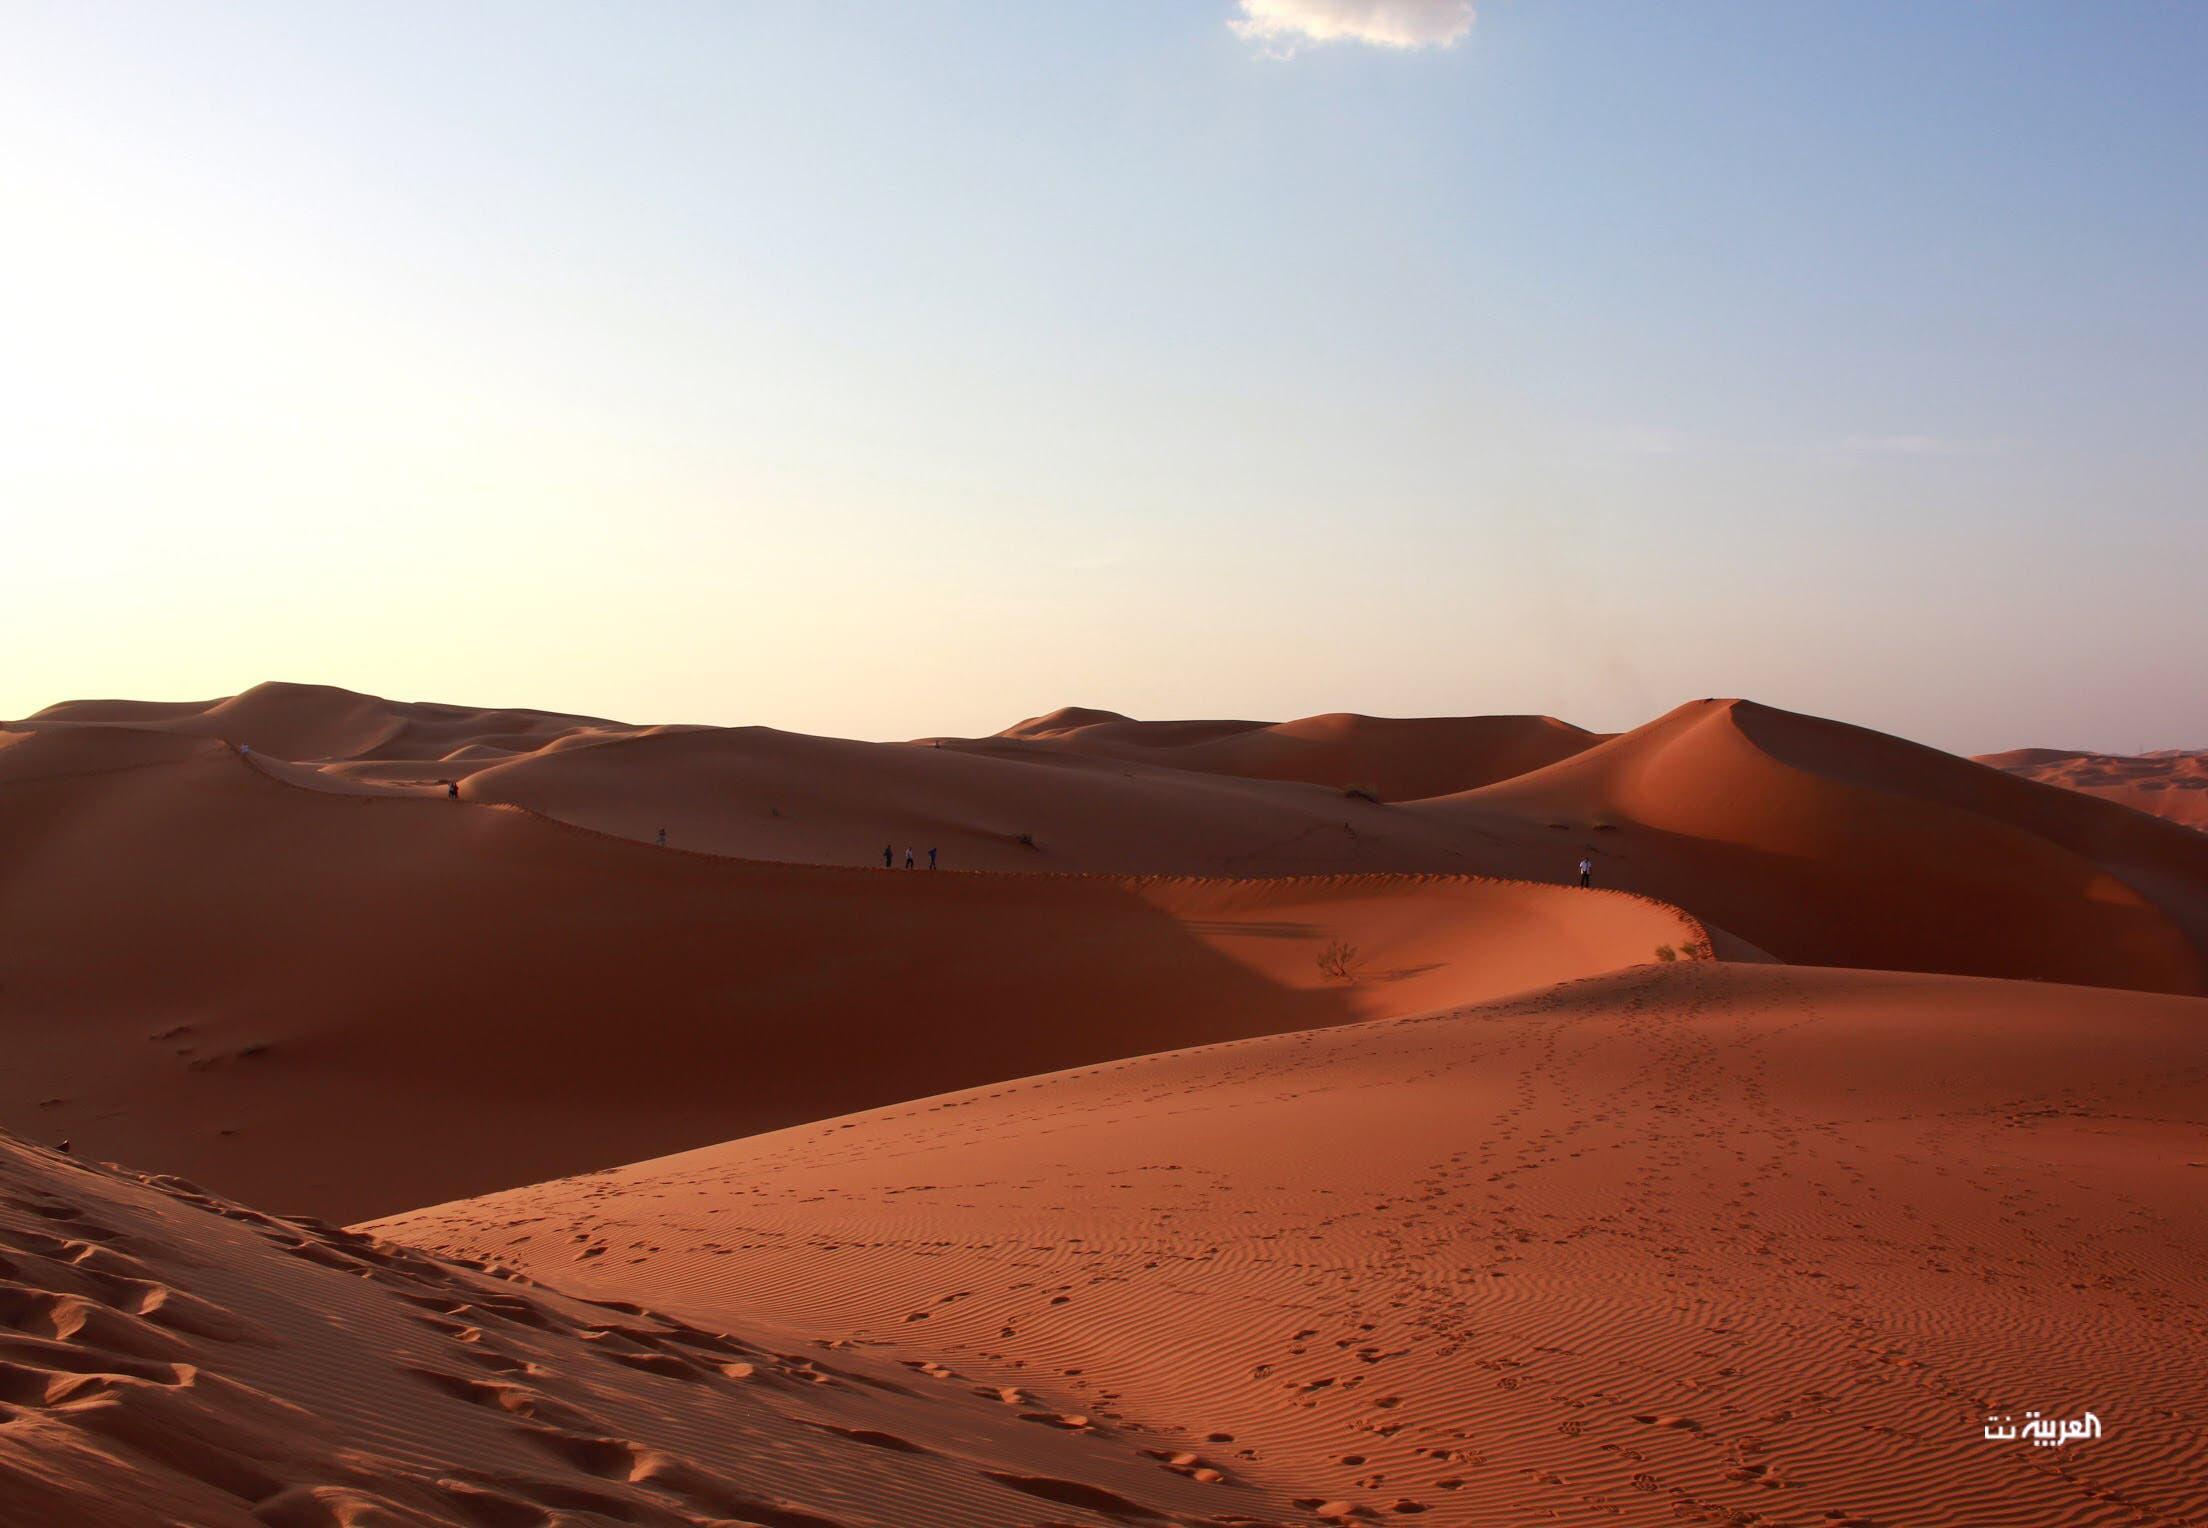 شيبة في صحراء الربع الخالي